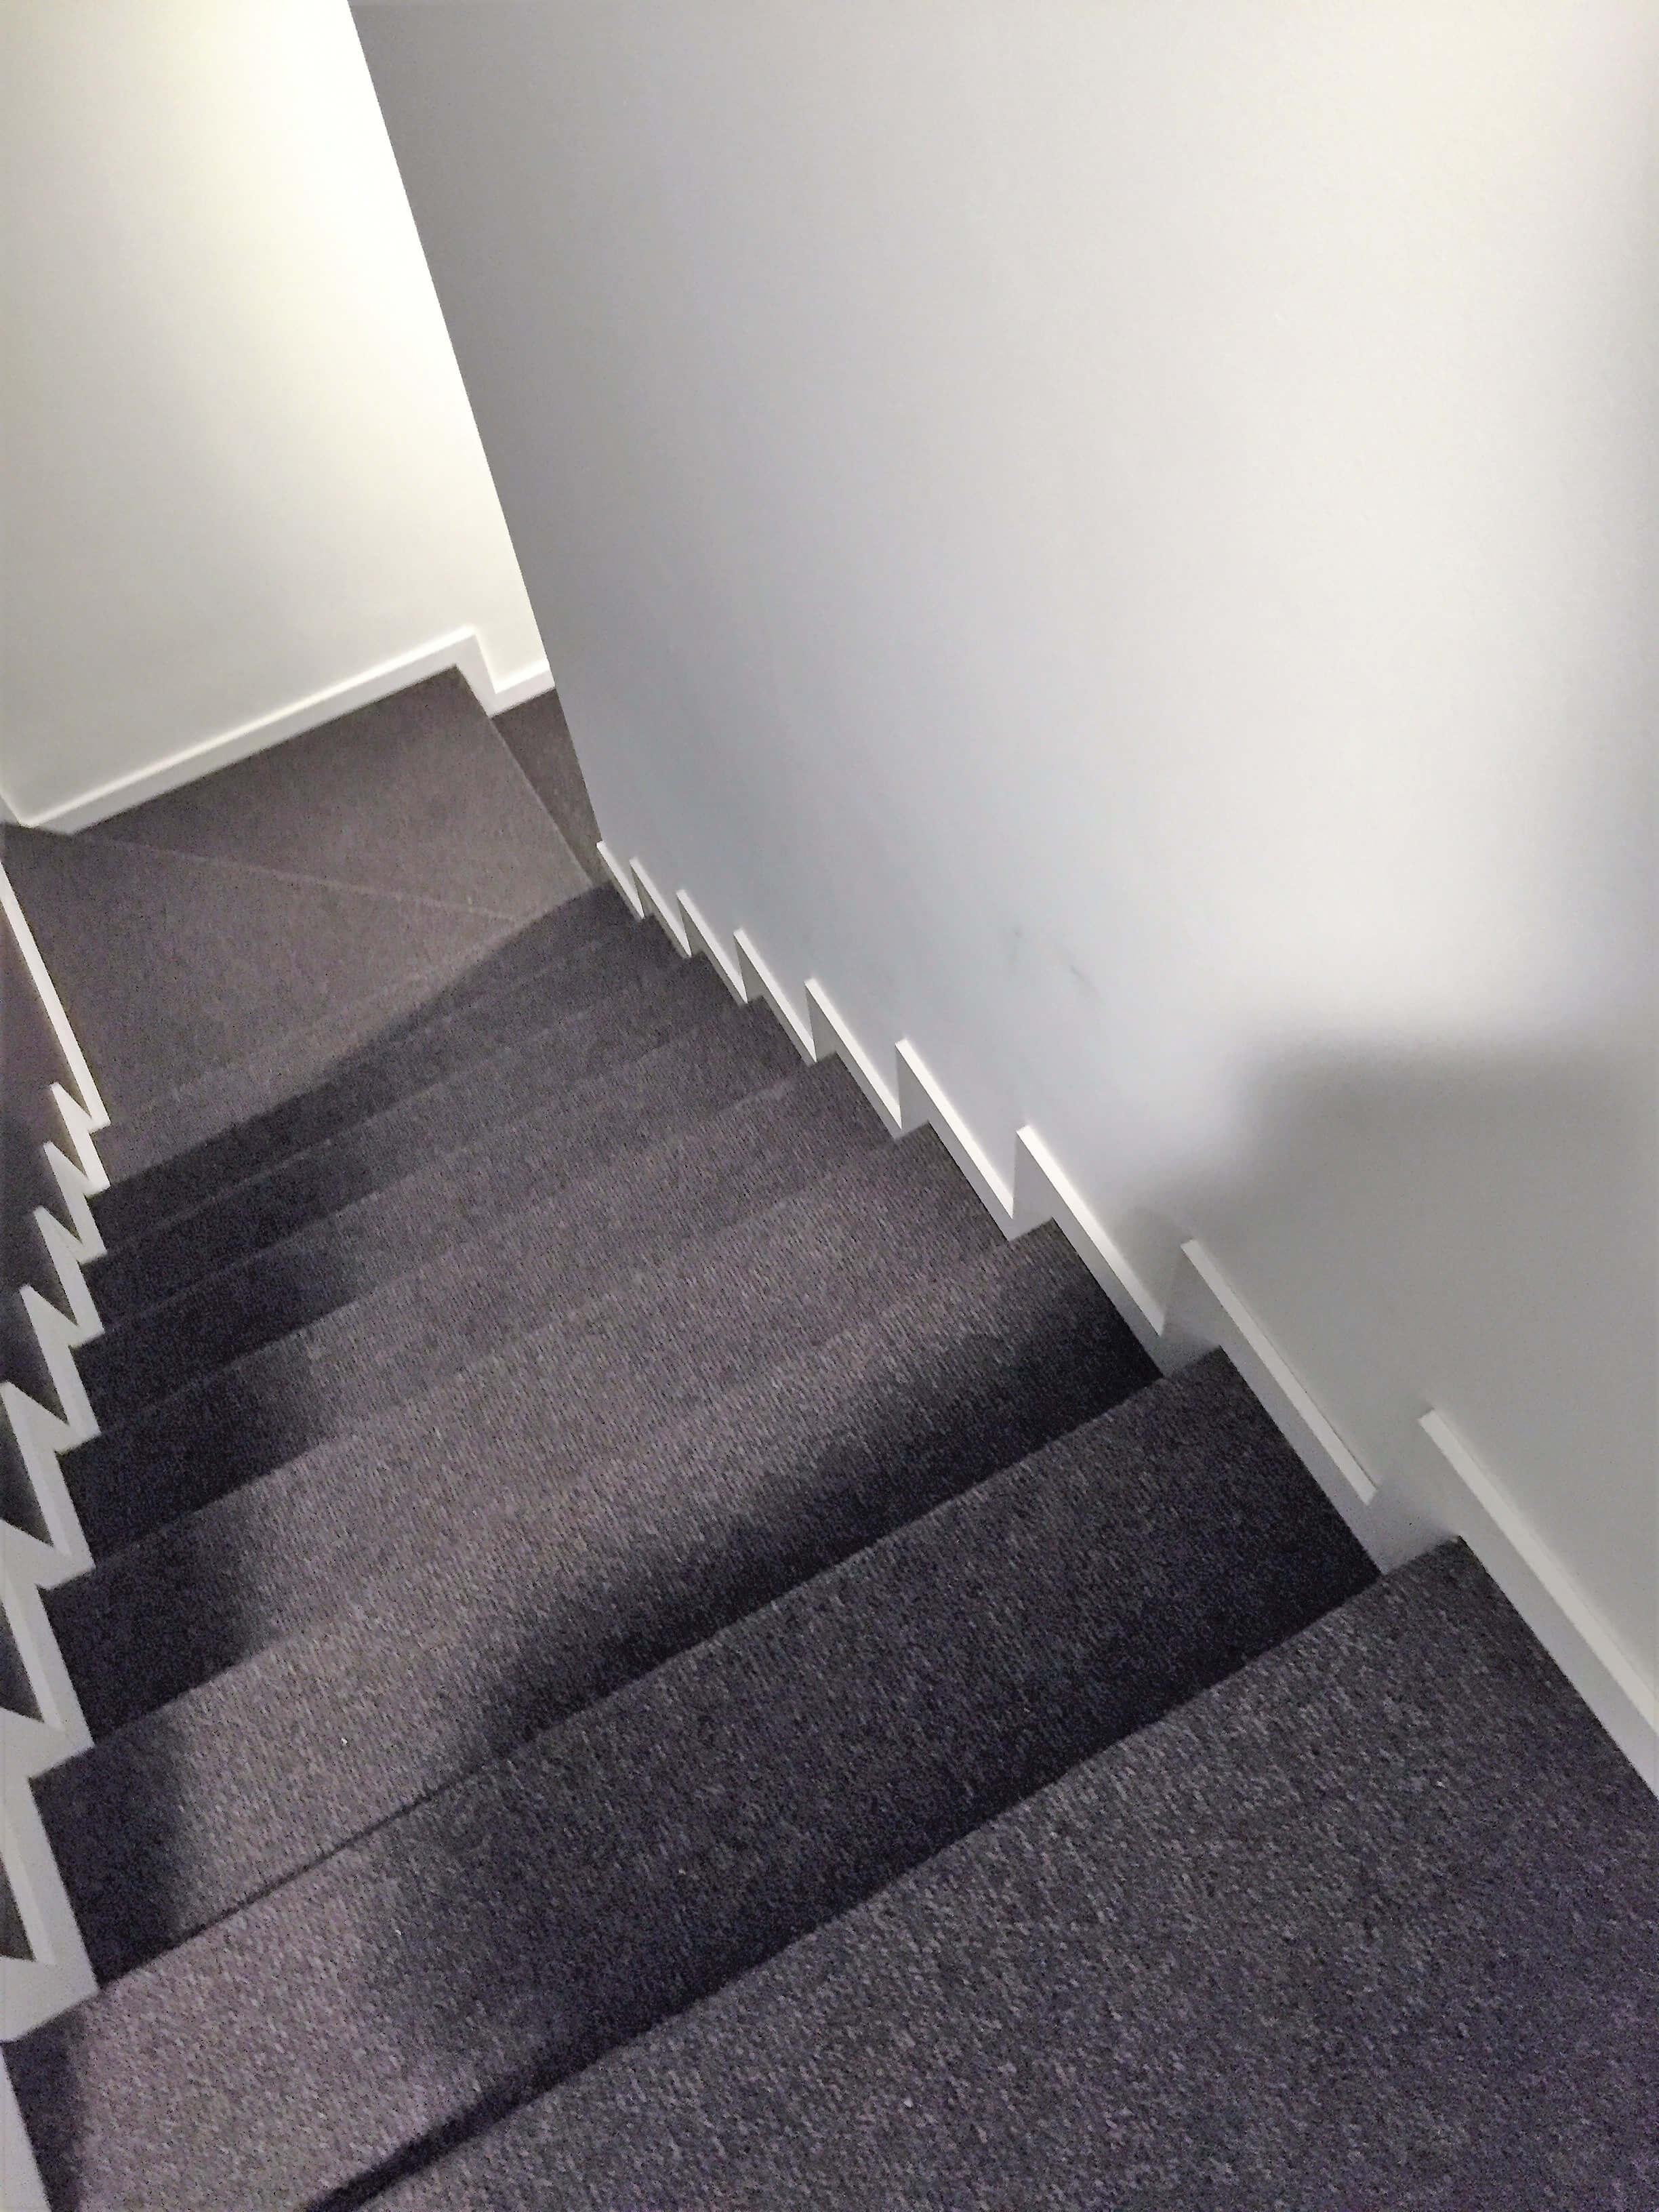 Escaliers en moquette , Revêtement de sol en moquette grise - Maison à Jambes | Walter Tiegel à Gembloux